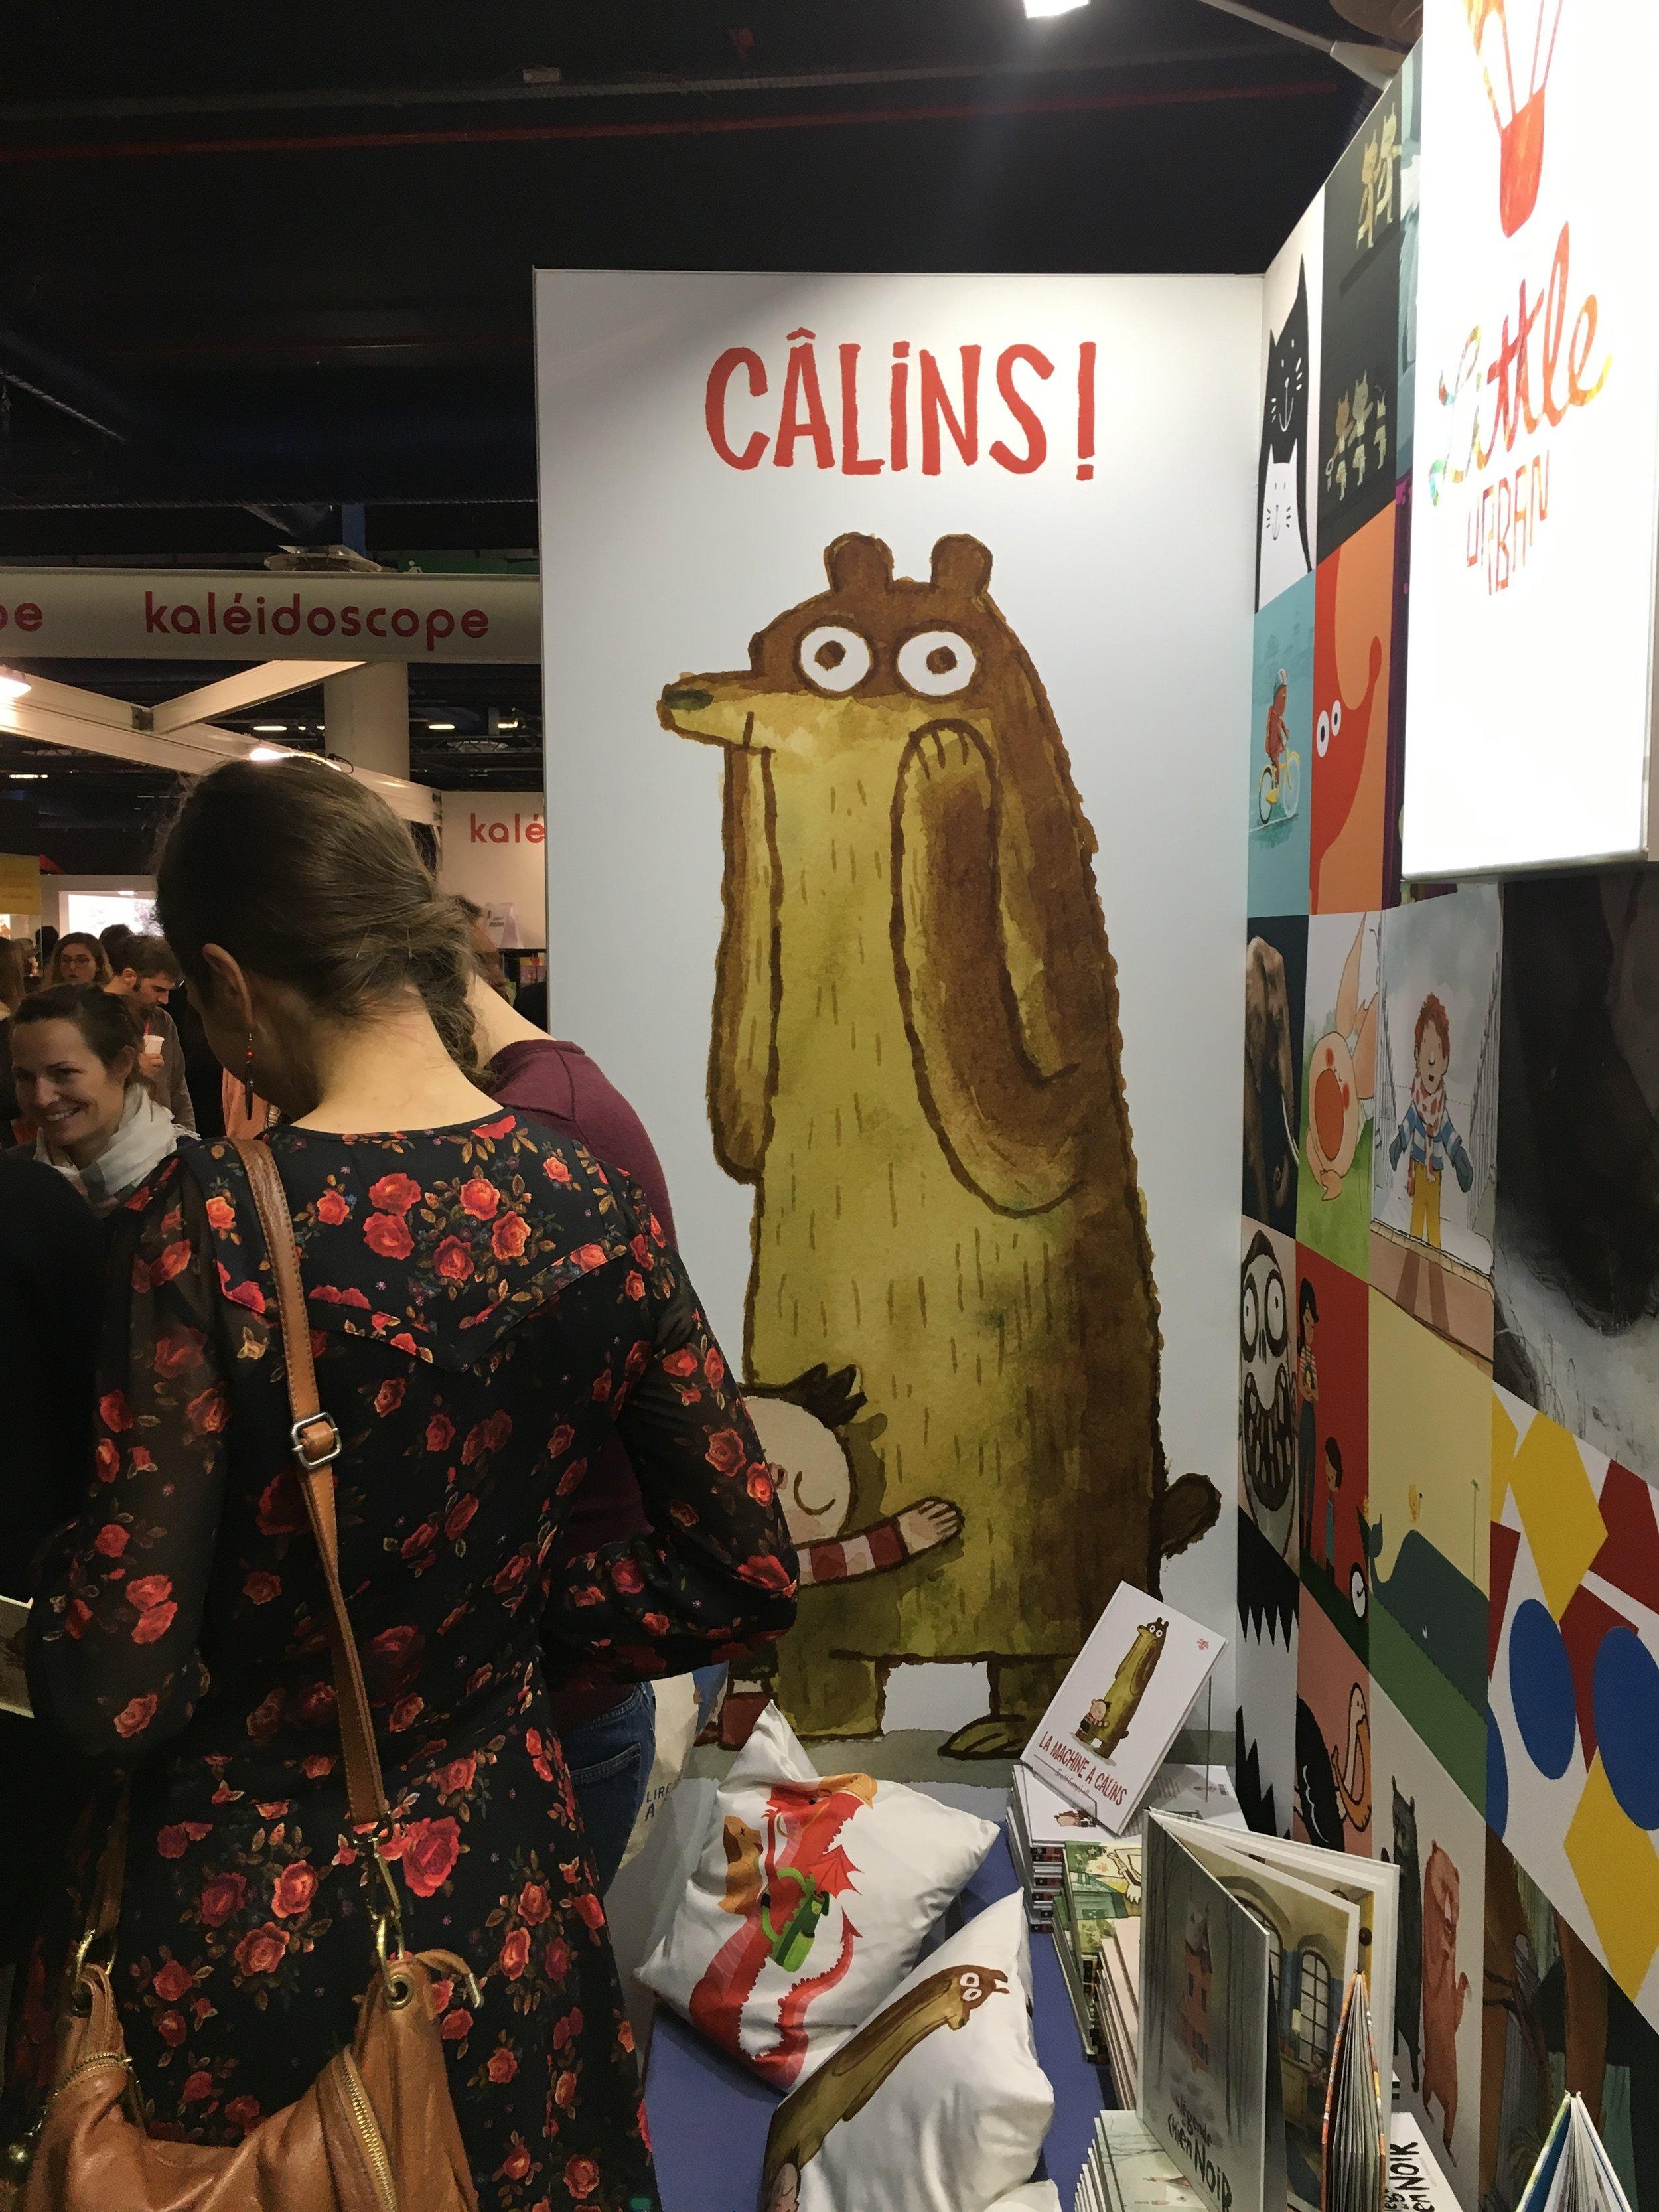 It's the Cálins Bear!